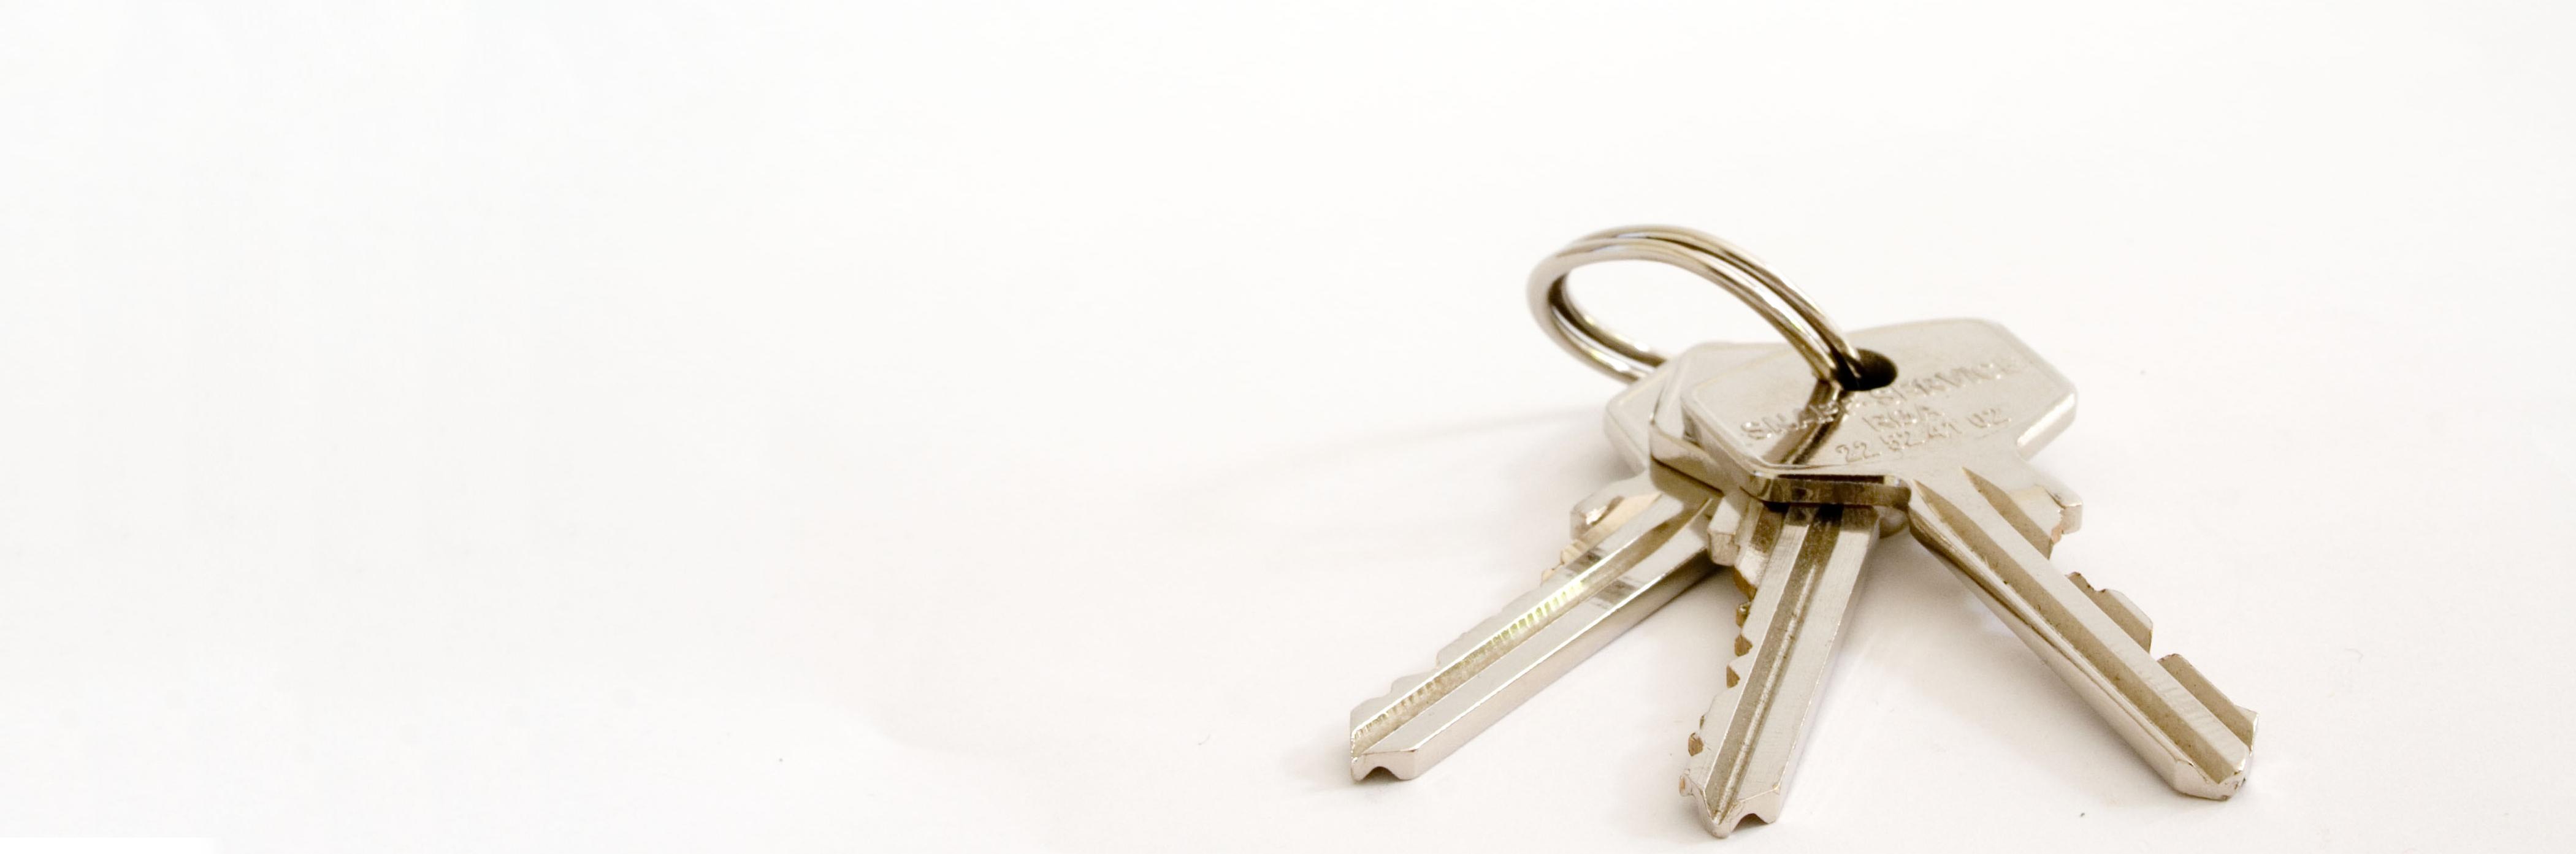 Turvalliset isännöintipalvelut myös pienille taloyhtiöille